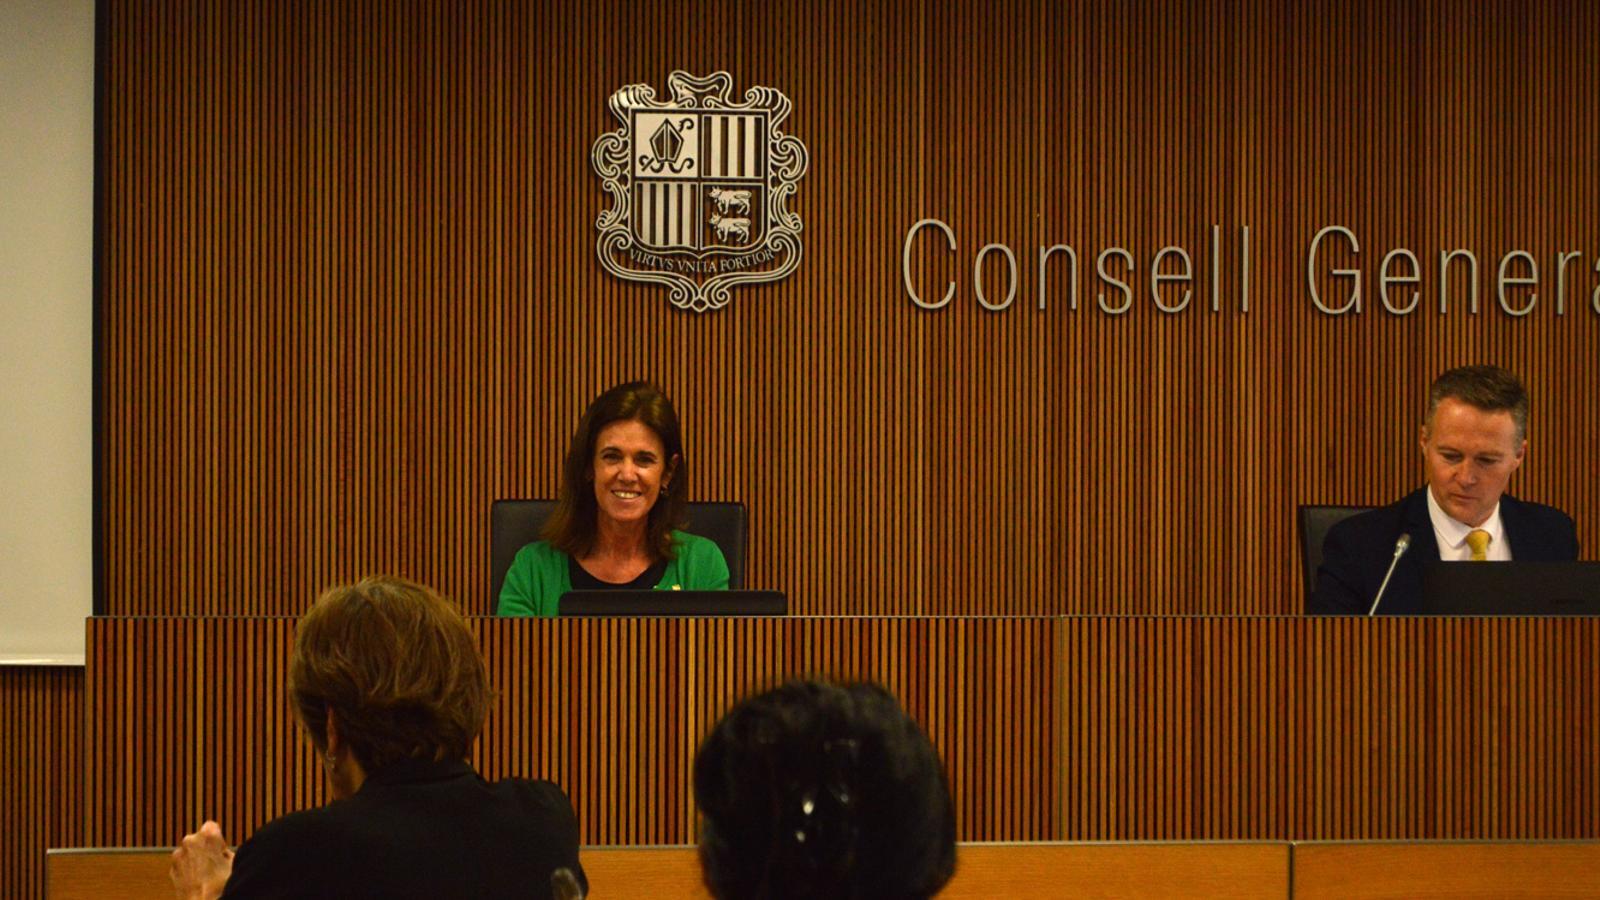 La ministra d'Educació i Ensenyament Superior, Ester Vilarrubla, durant la compareixença al davant de la comissió legislativa d'Educació, Recerca, Cultura, Joventut i Esports. / M. F. (ANA)